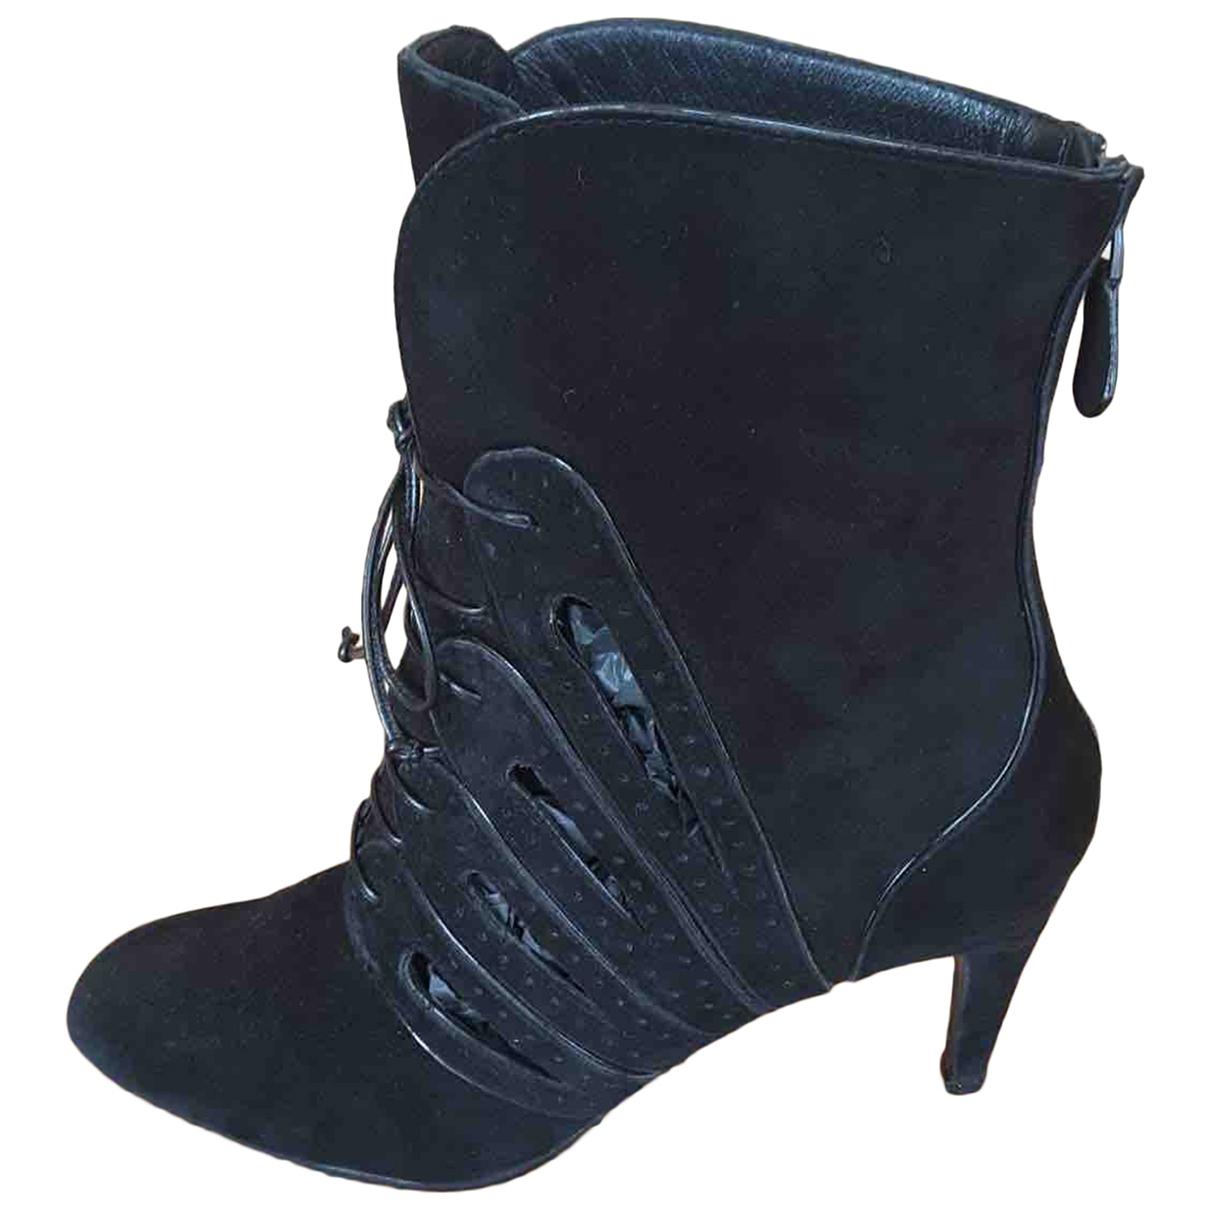 Bottega Veneta \N Black Suede Boots for Women 38 EU